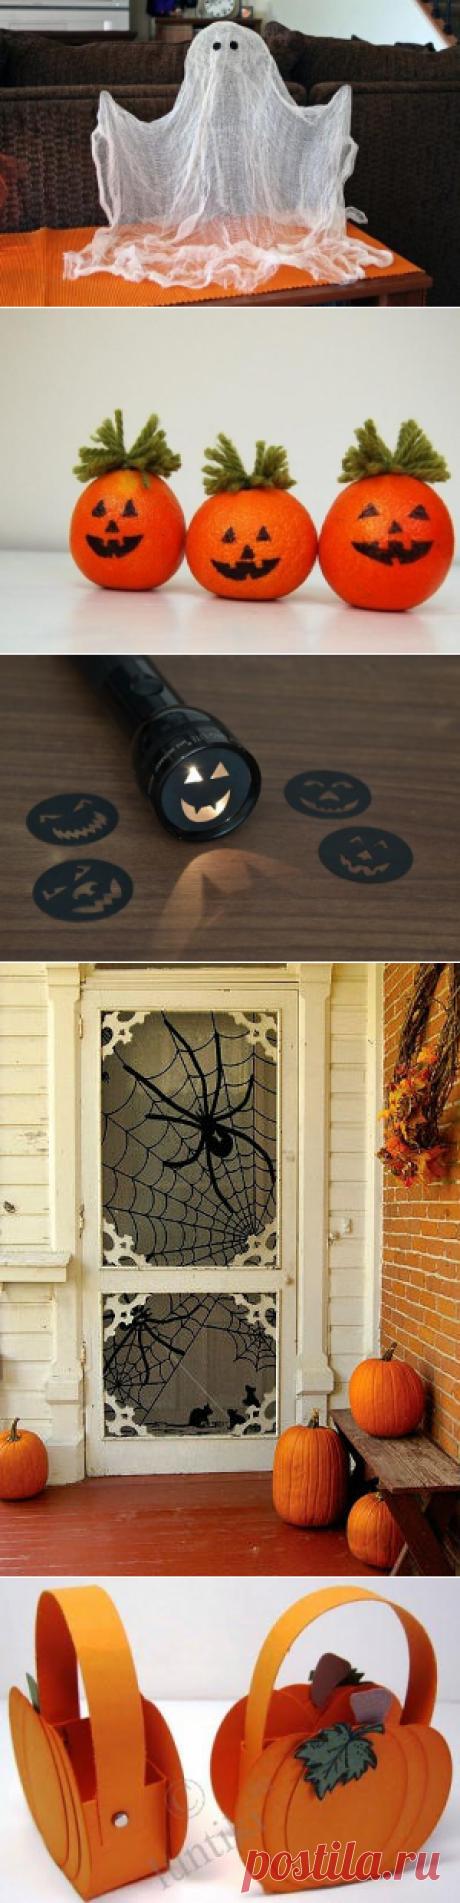 Украшения к Хеллоуину